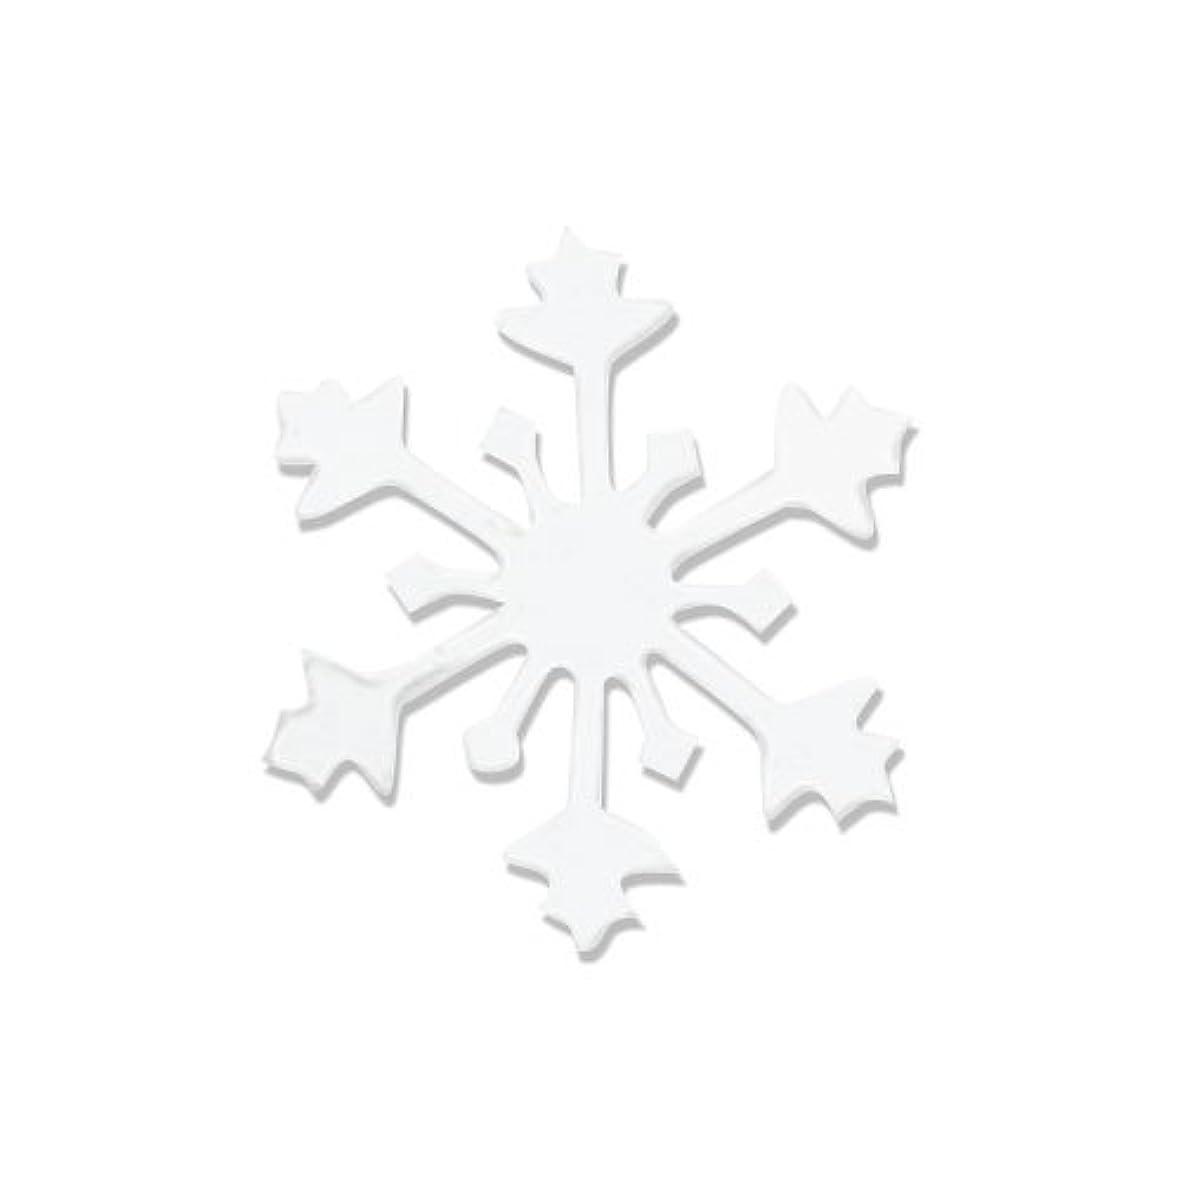 反乱広大なリーダーシップリトルプリティー ネイルアートパーツ スノークリスタル S ホワイト 10個